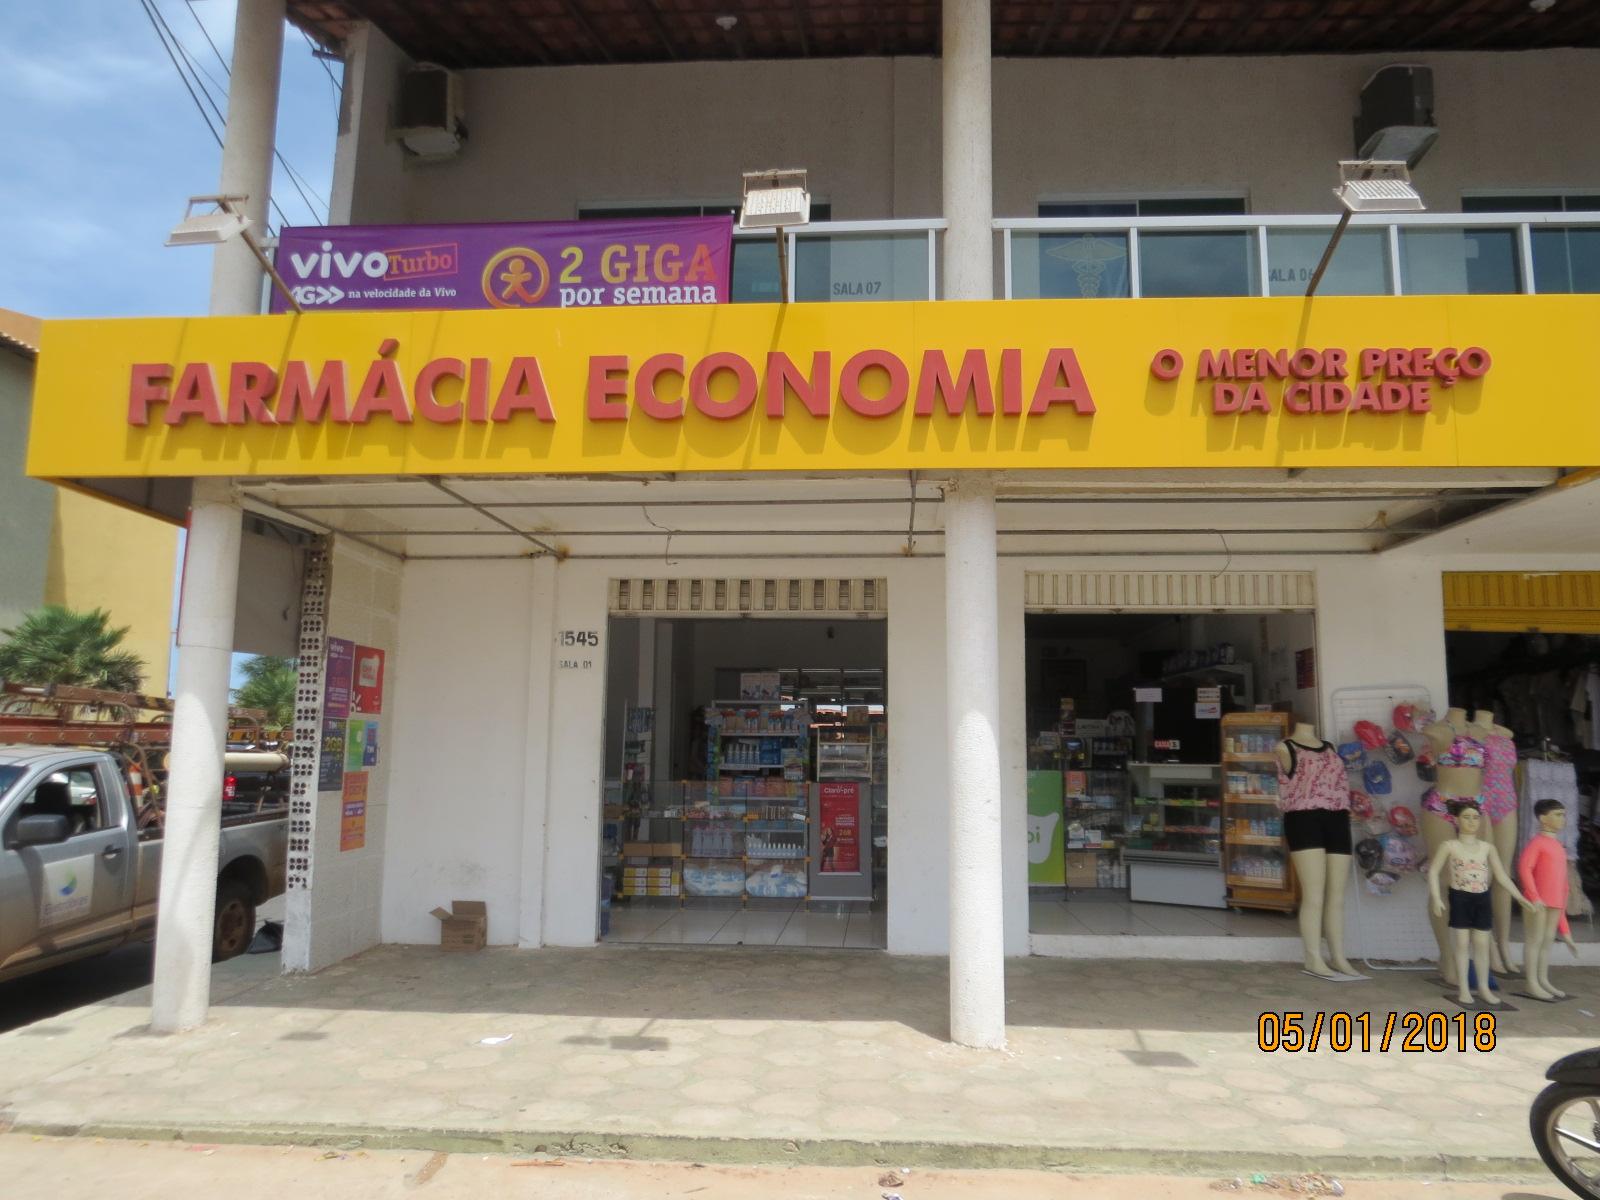 Farmácia Economia